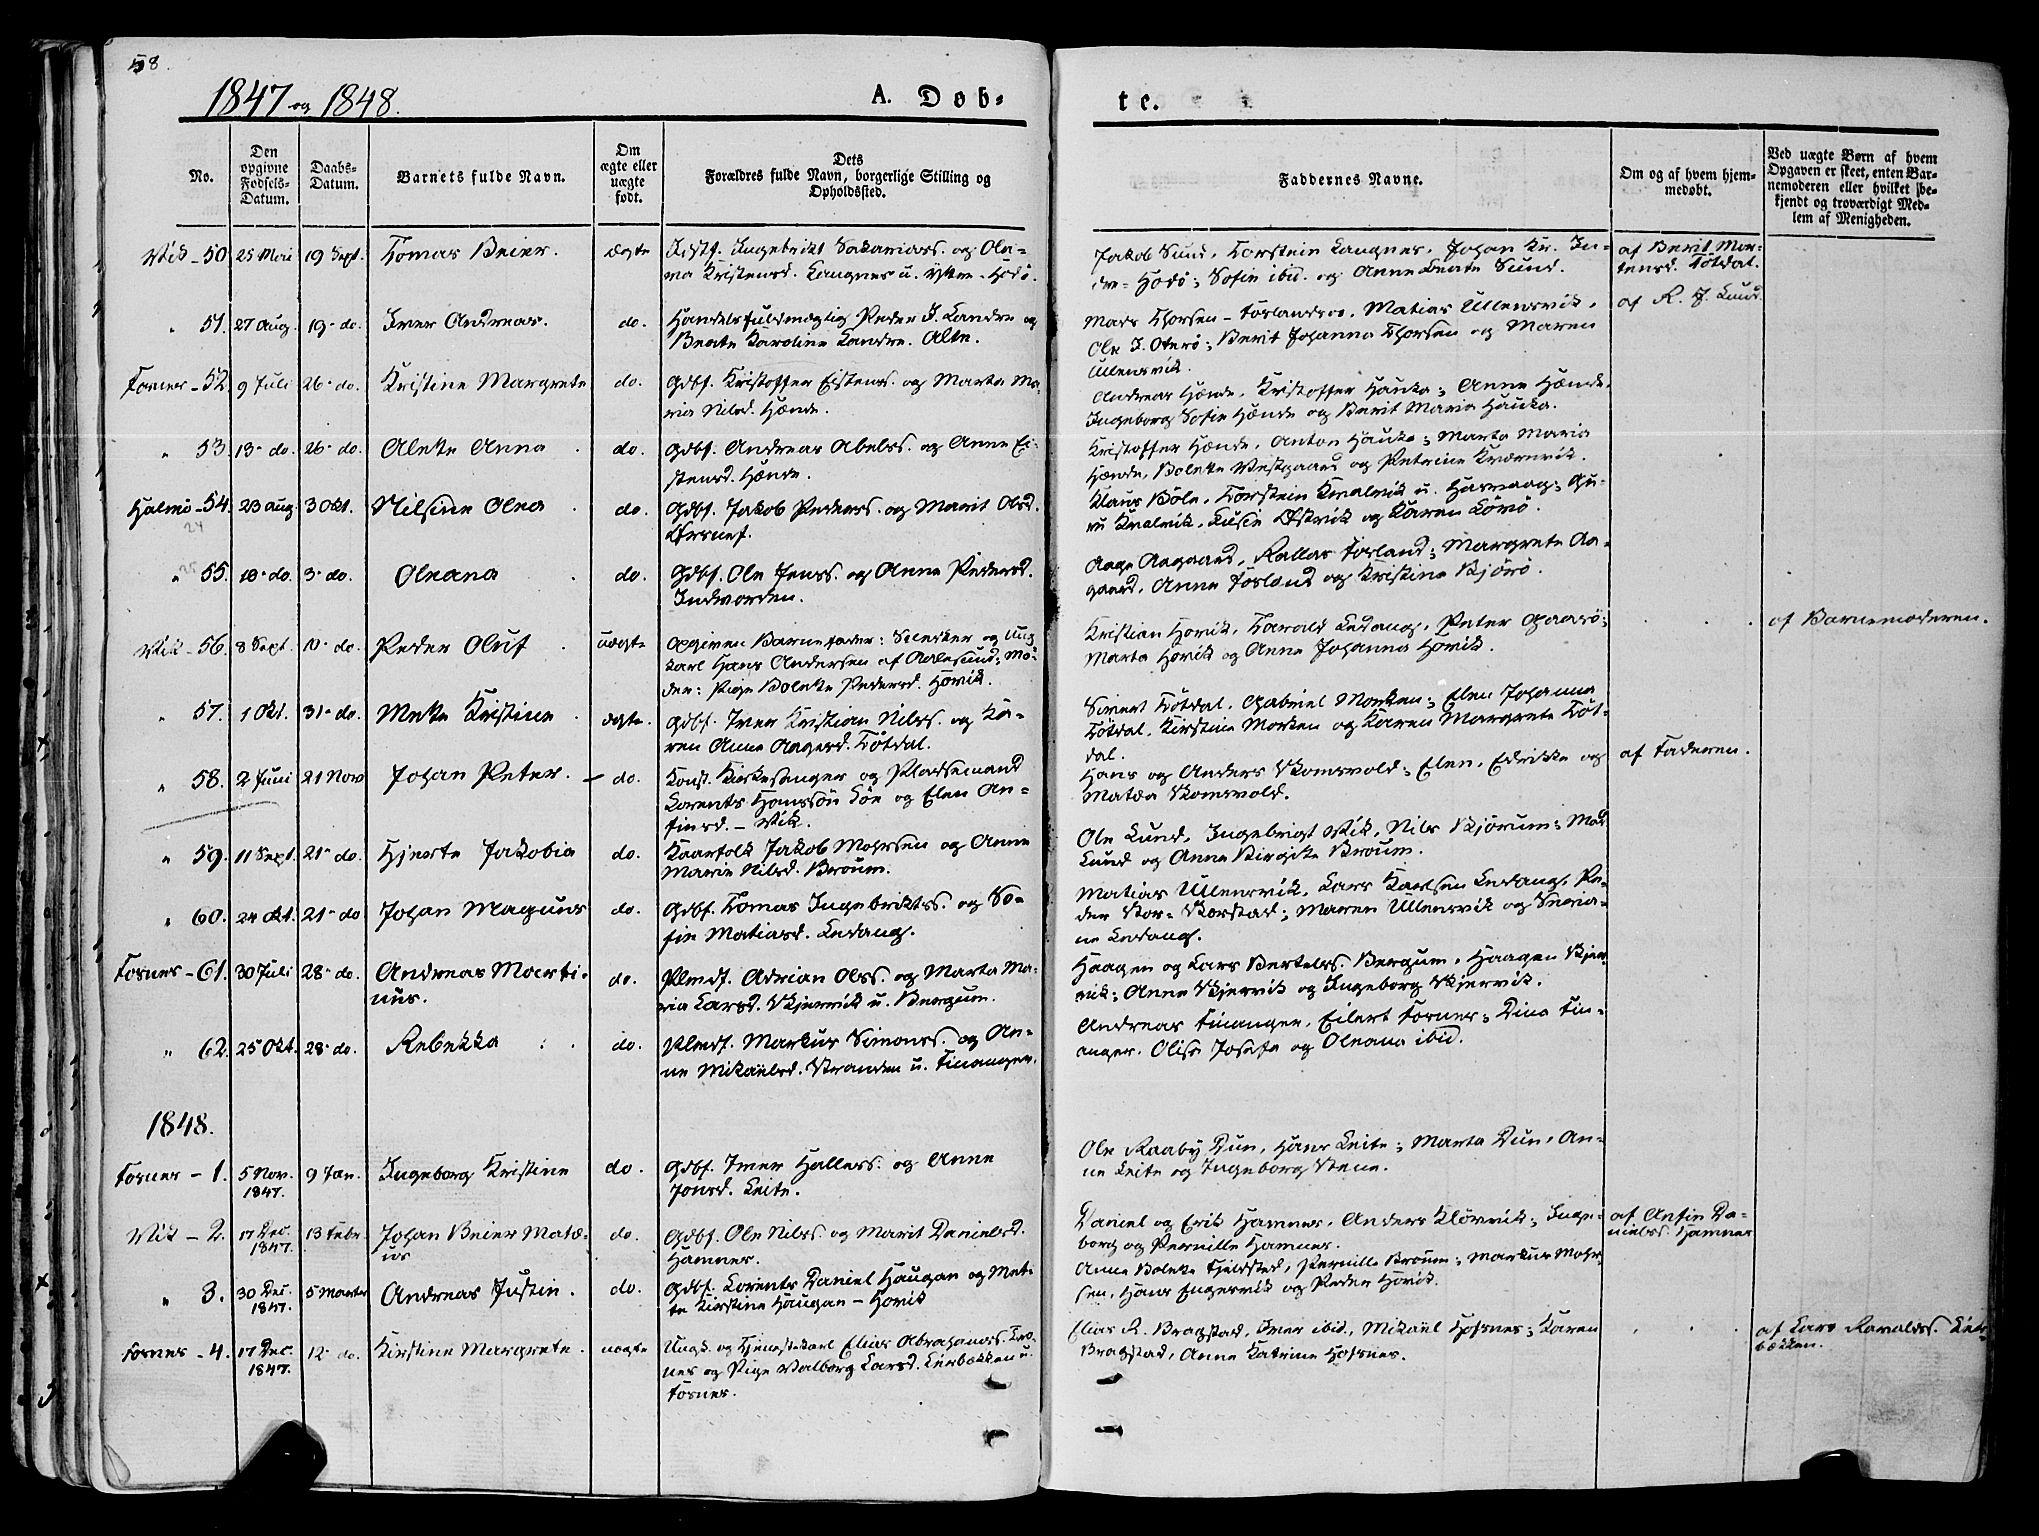 SAT, Ministerialprotokoller, klokkerbøker og fødselsregistre - Nord-Trøndelag, 773/L0614: Ministerialbok nr. 773A05, 1831-1856, s. 58